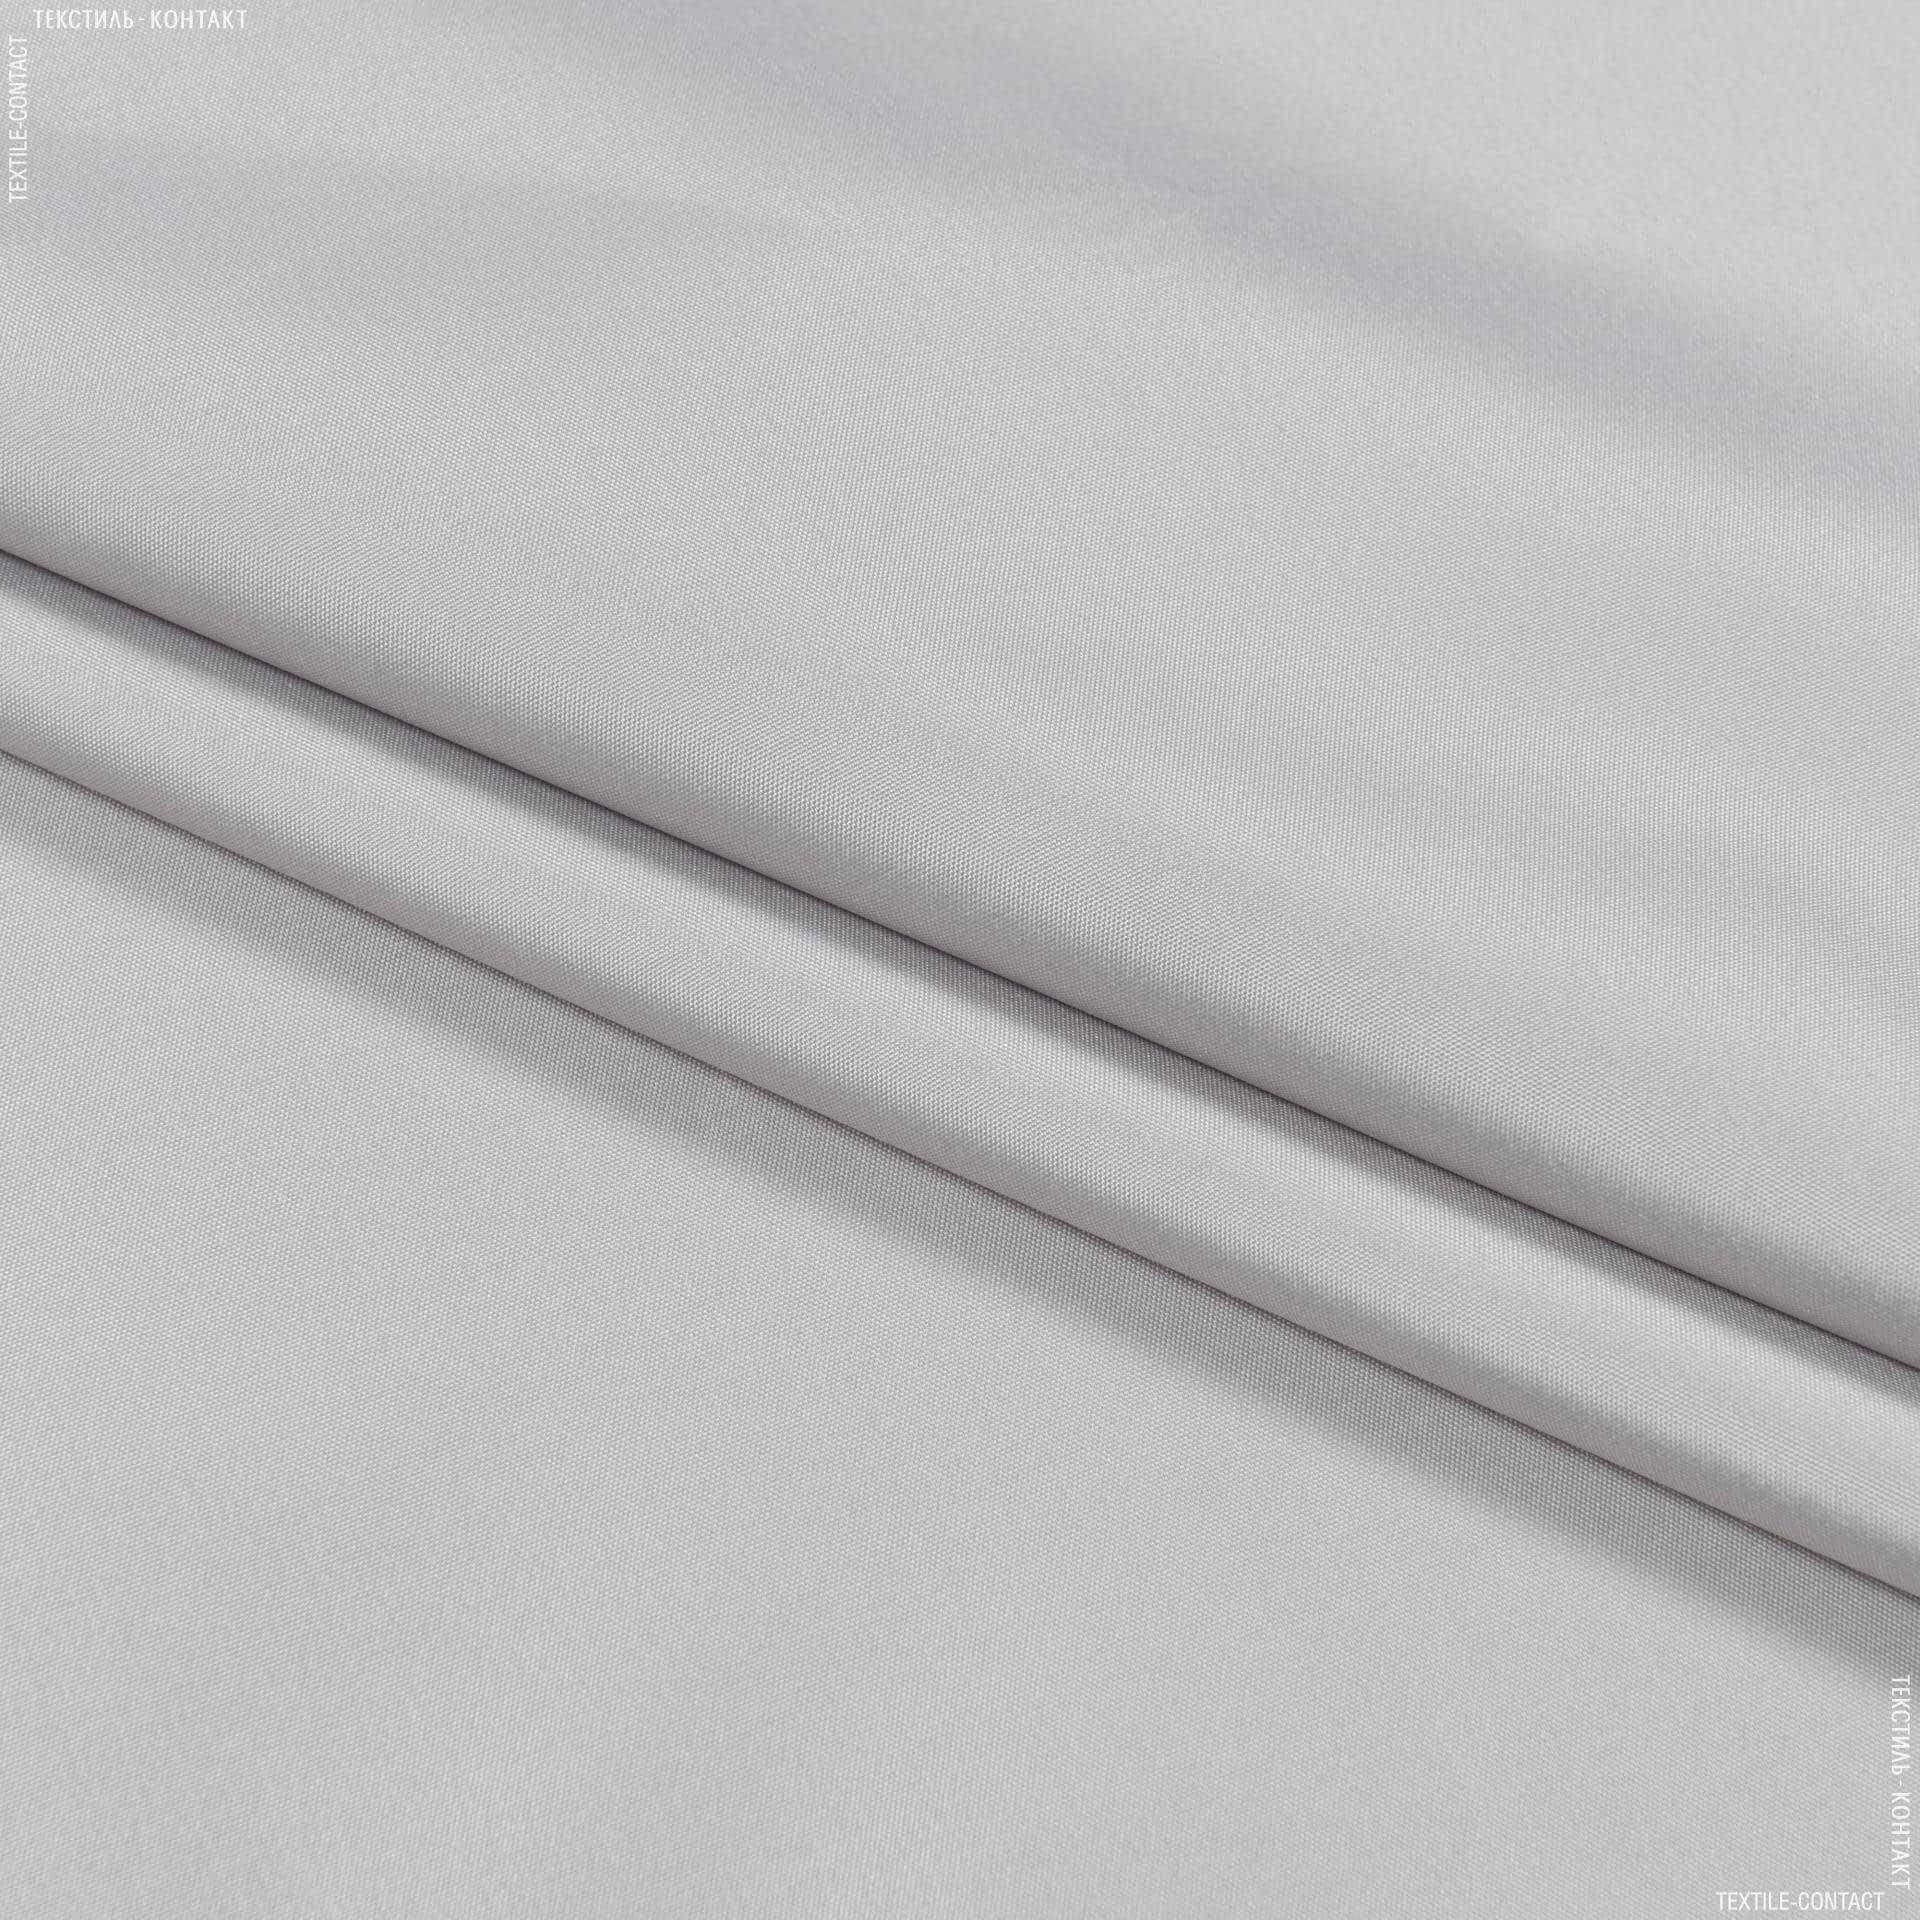 Ткани портьерные ткани - Блекаут огнеупорный  / night 4pass blackout  песок